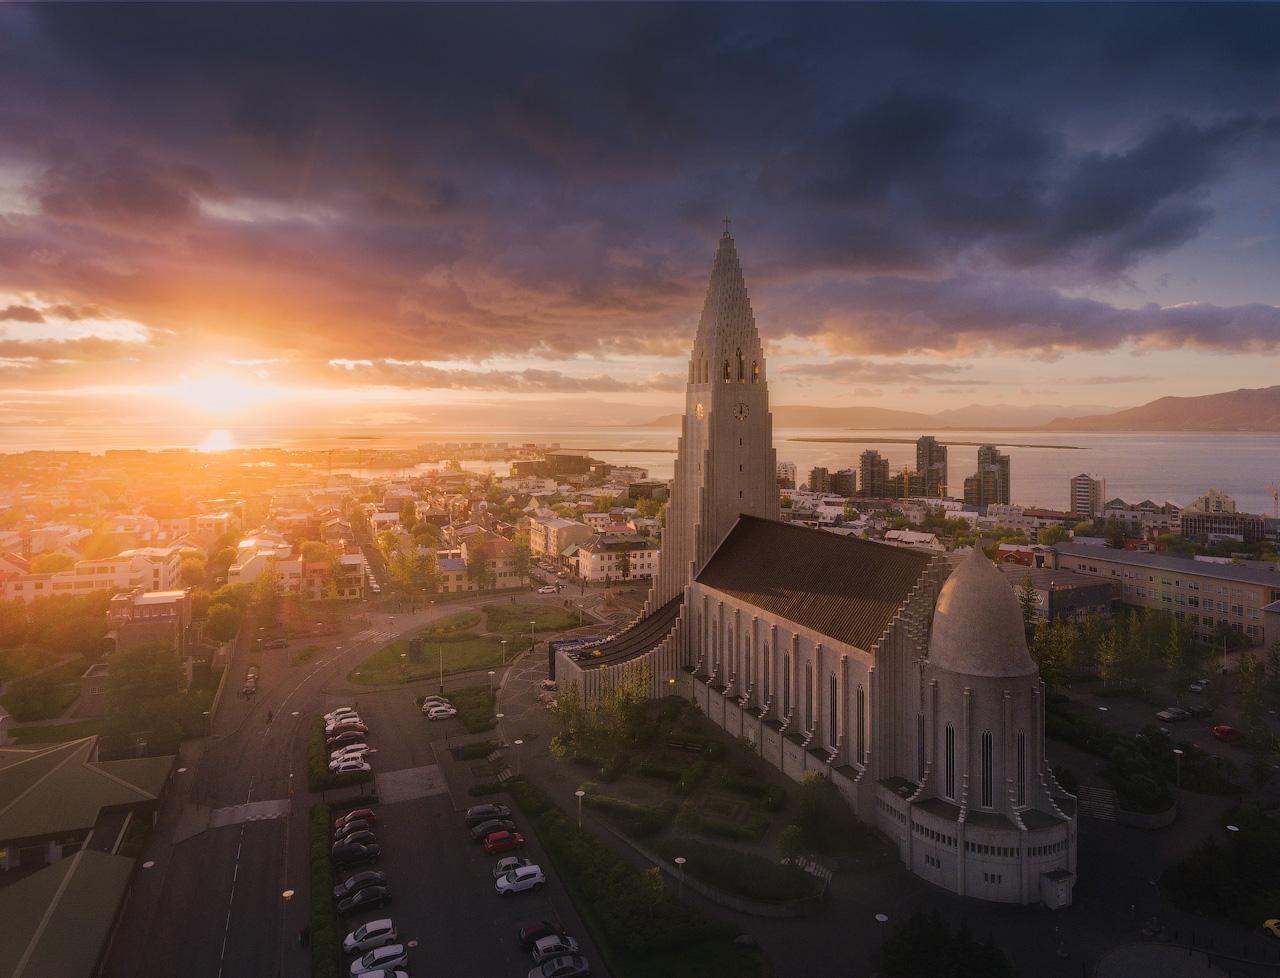 从哈爾格林姆教堂Hallgrímskirkja背后遥看冰岛首都雷克雅未克的日落景色